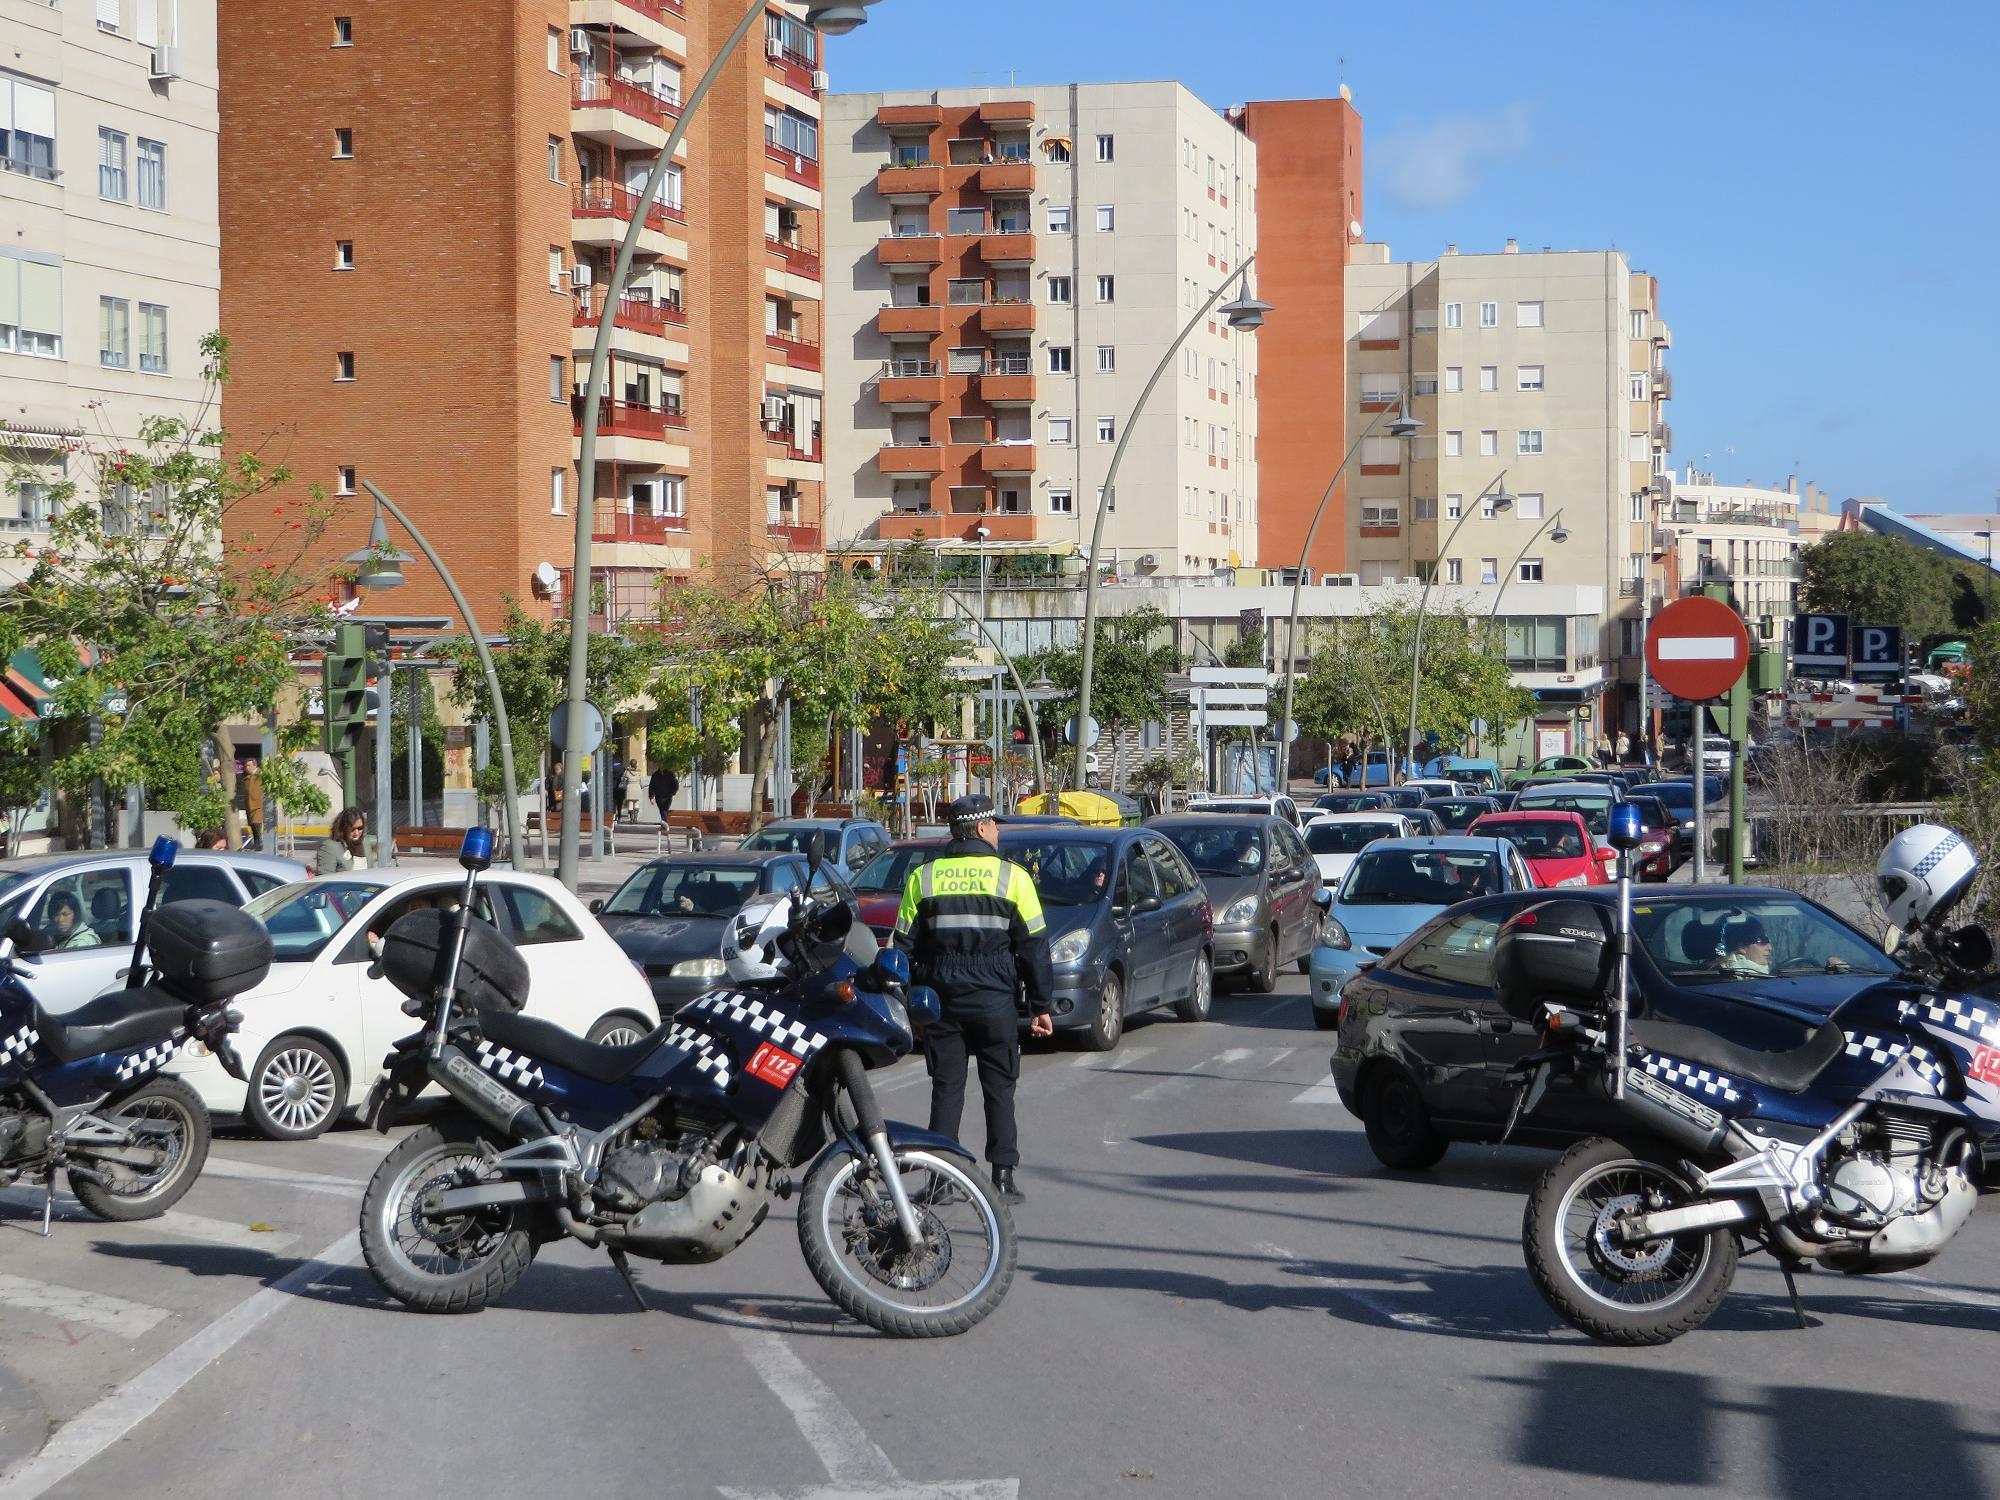 Policia_Local__Dura_y_Cabrales__2_